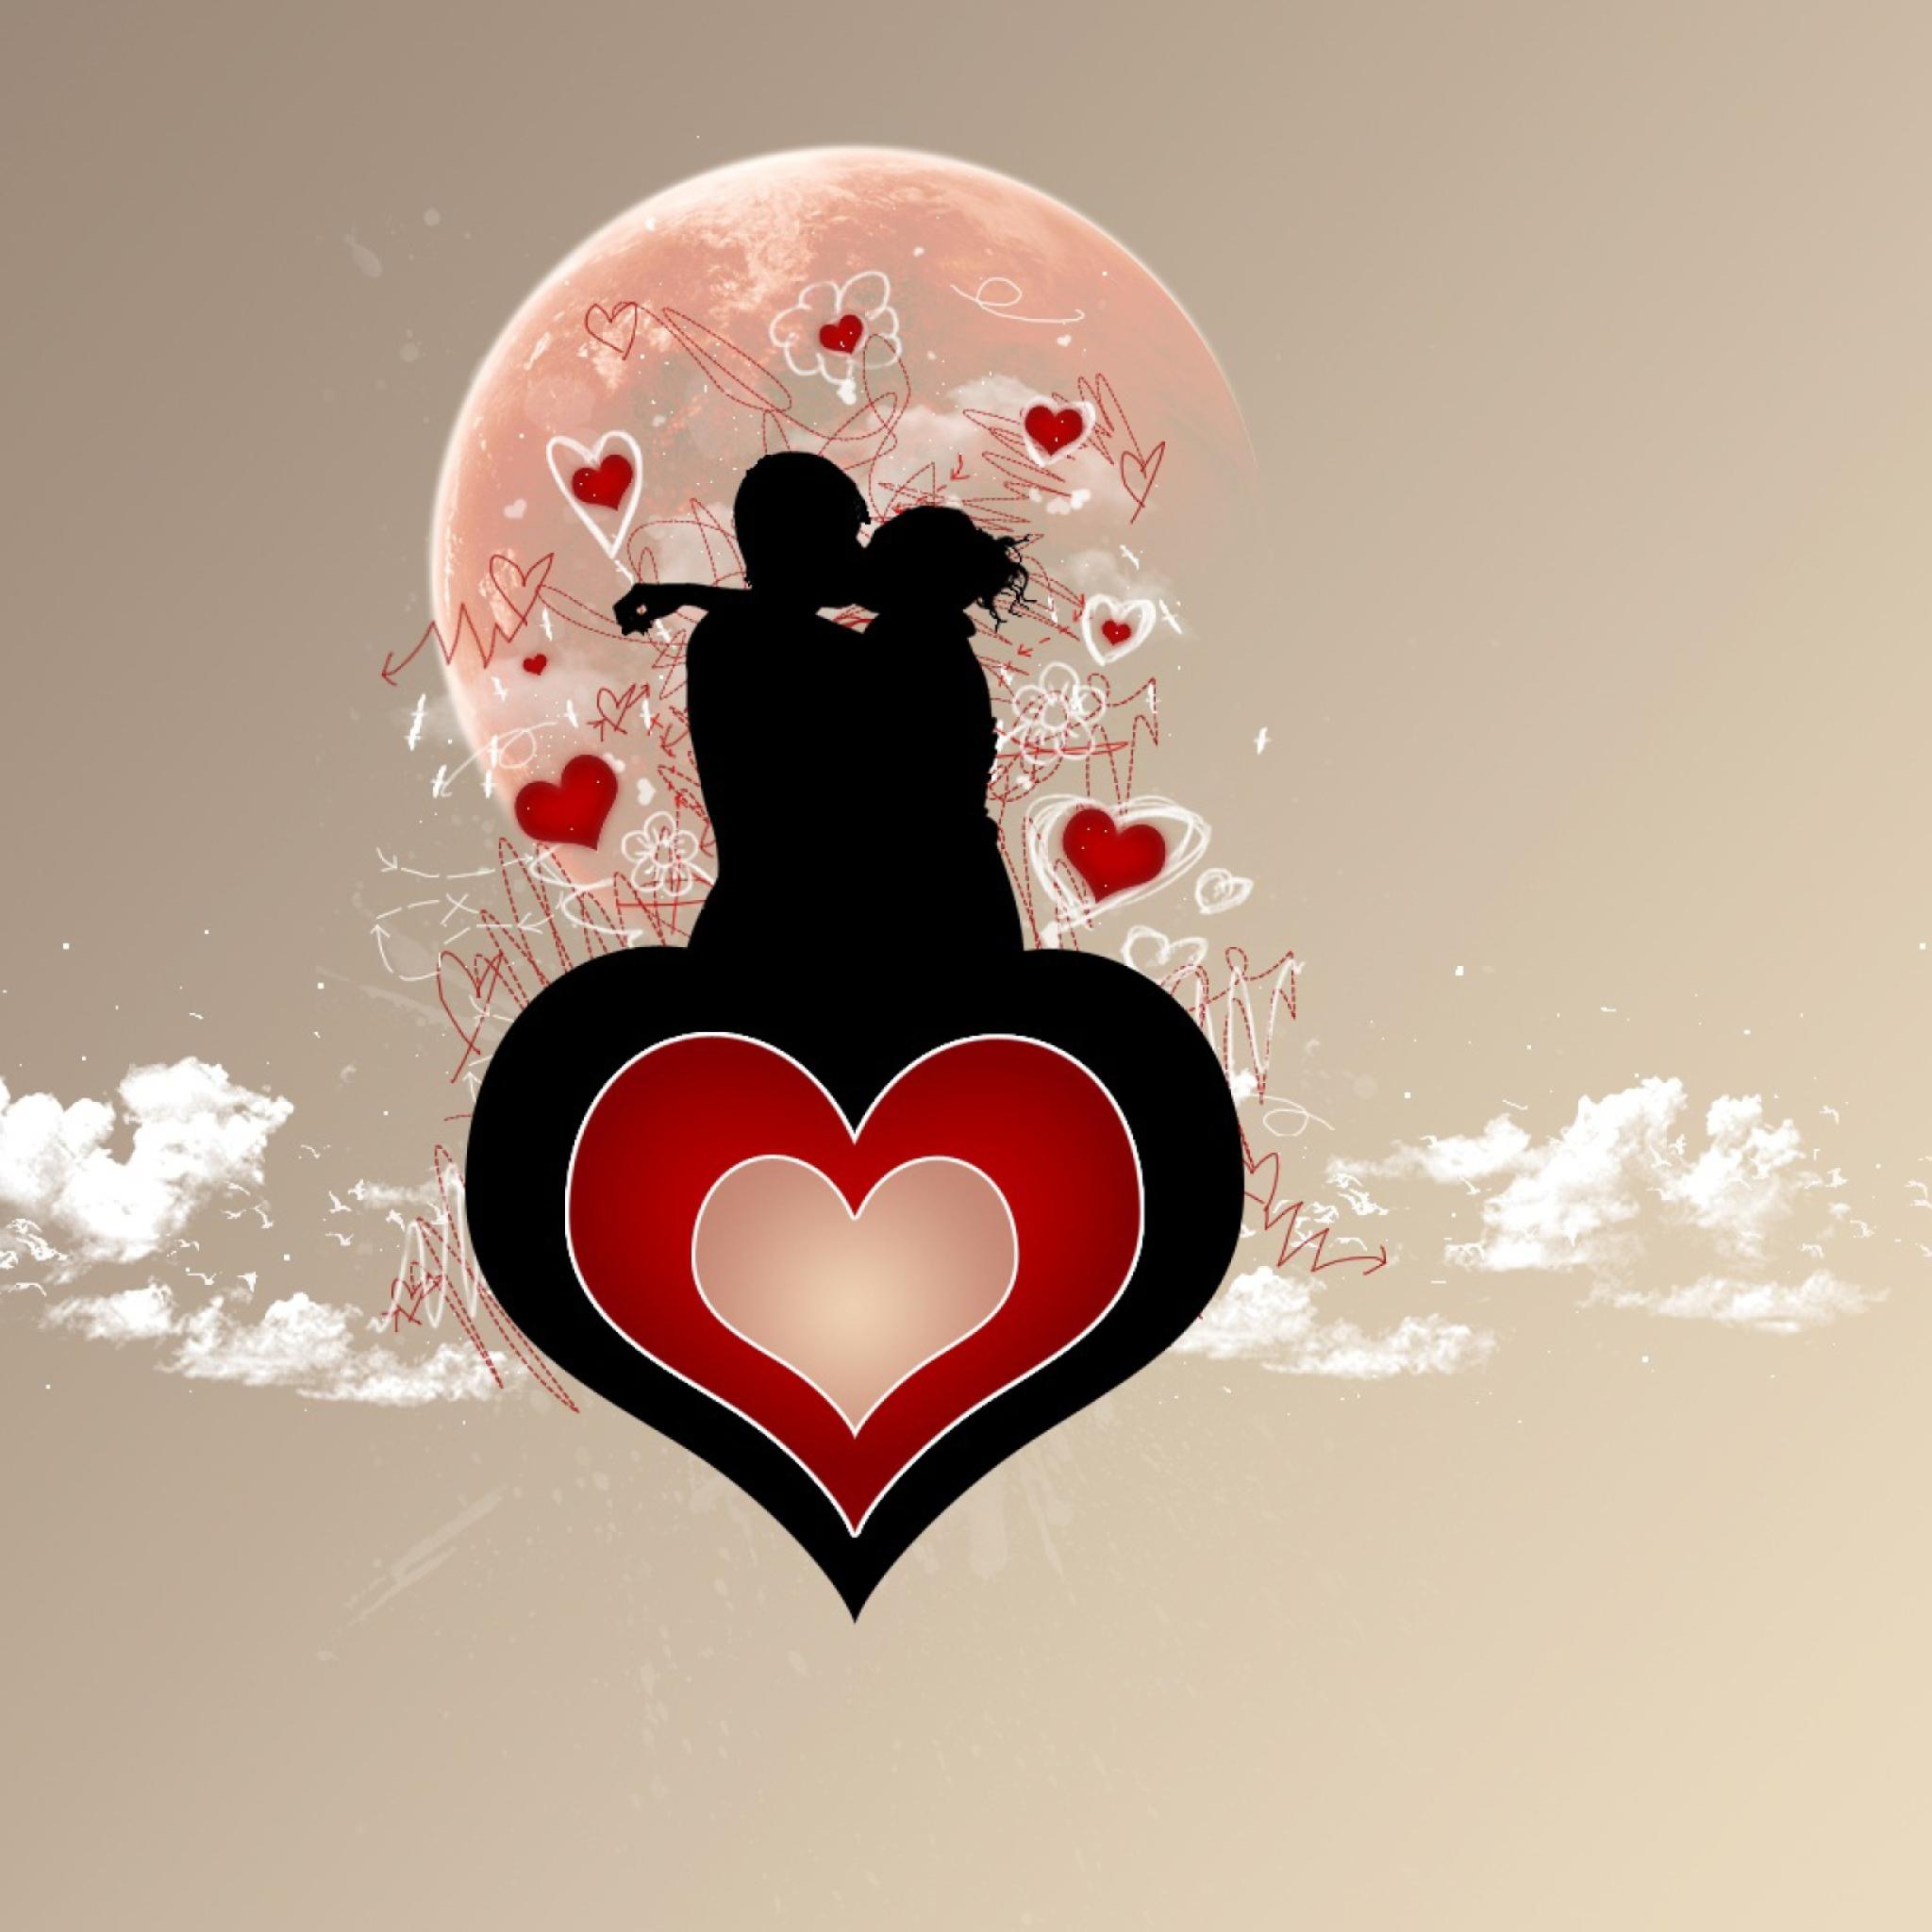 Картинки мужчина рисунок с сердечками